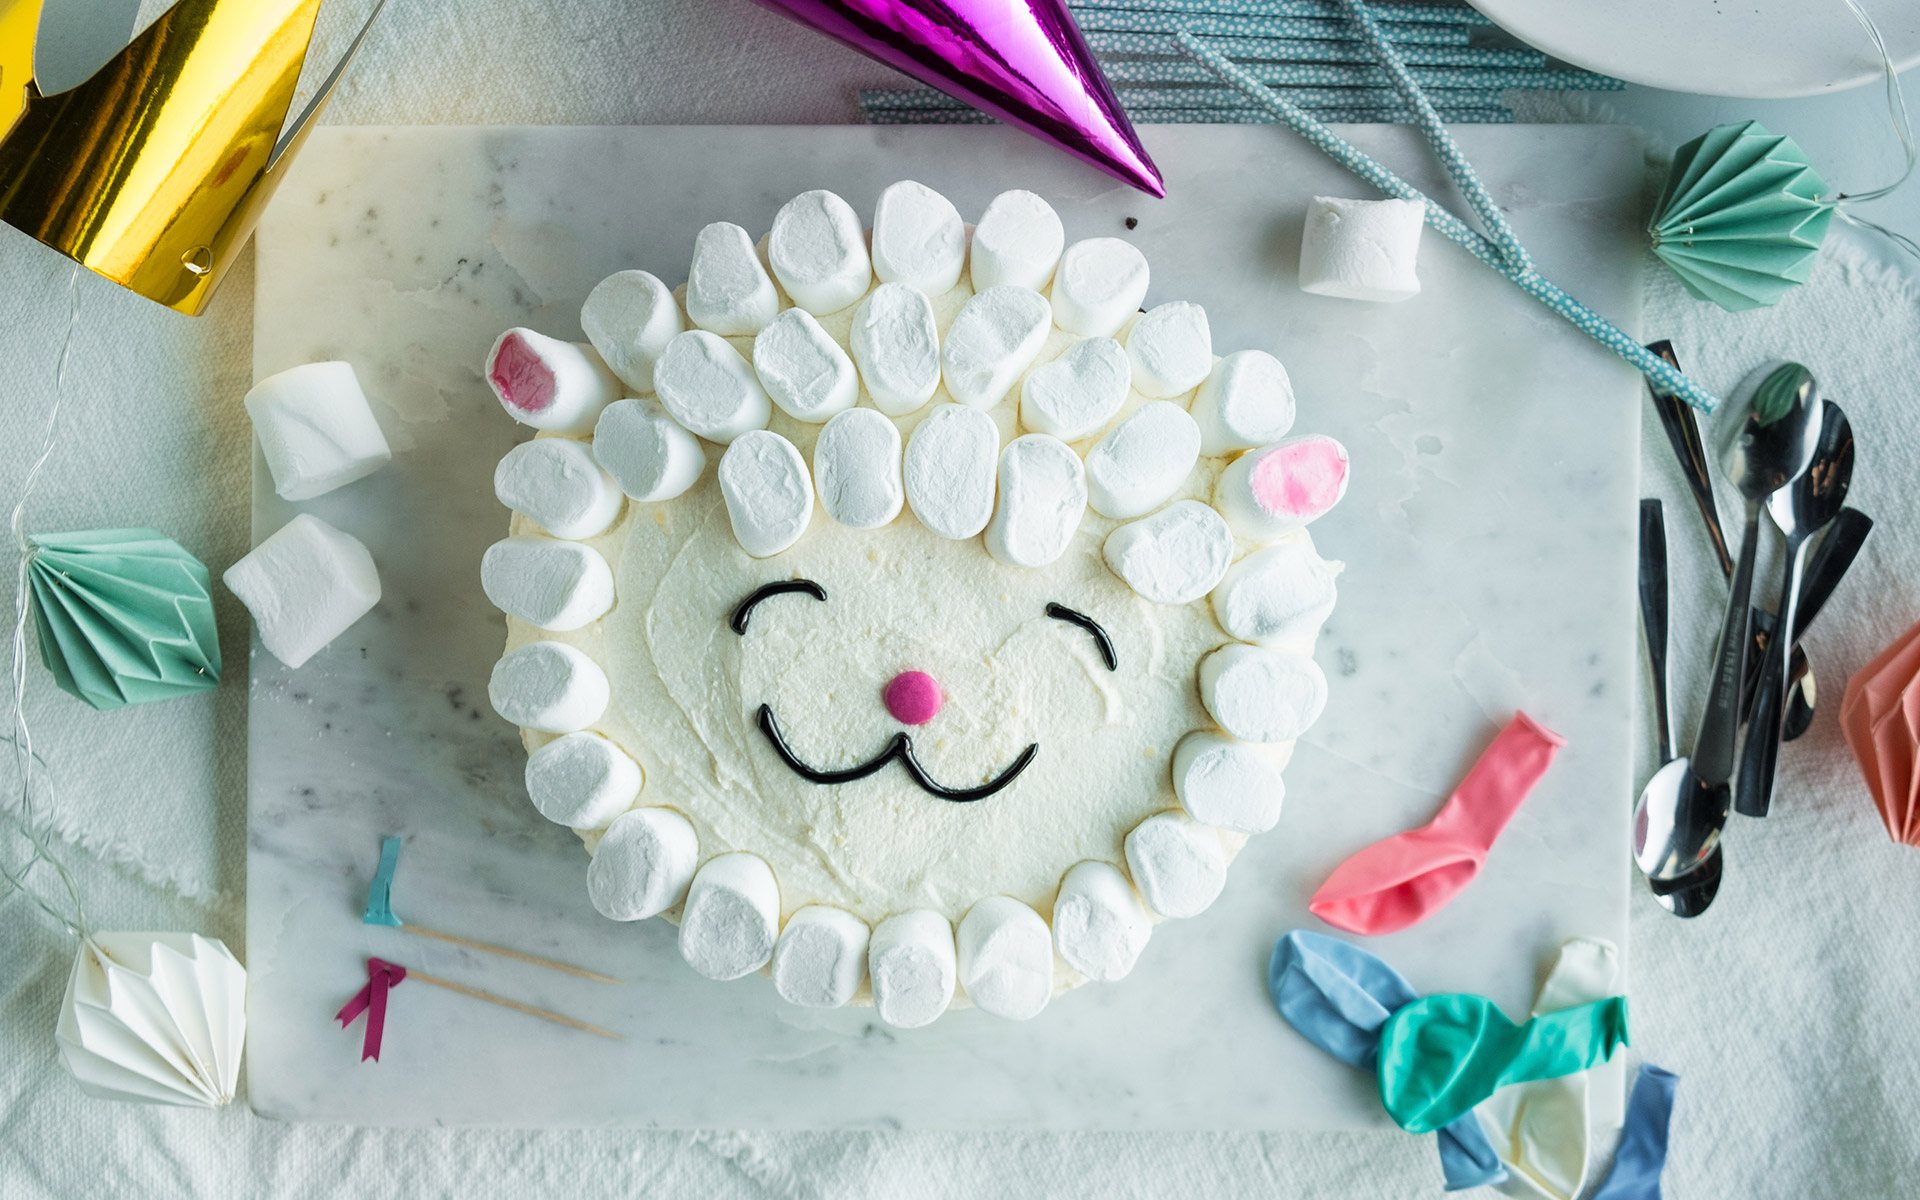 Sjokoladekake dekorert som en sau. Foto.